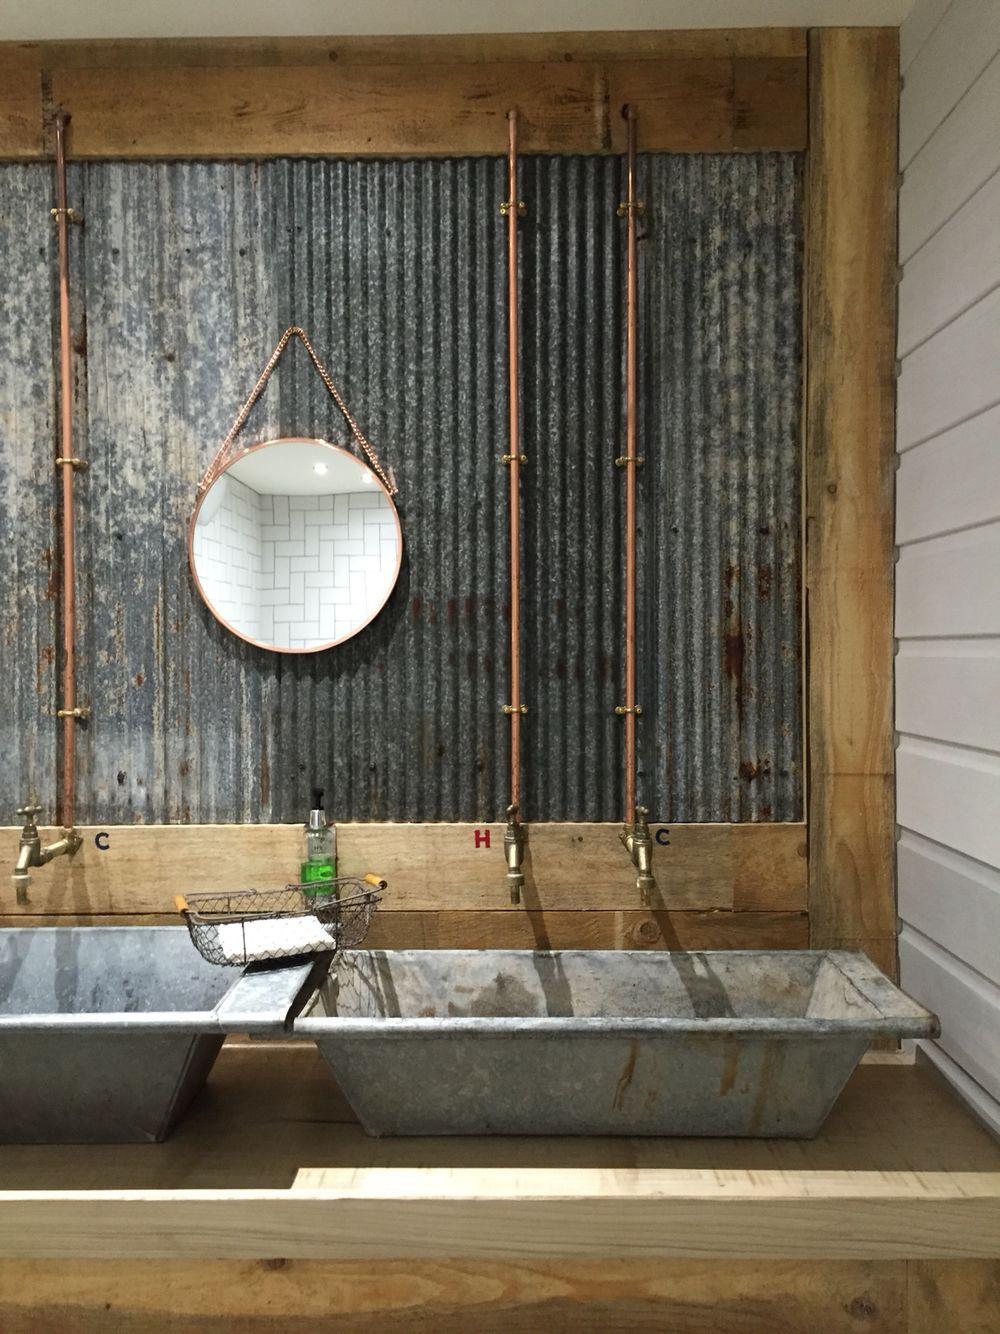 Bathroom Sink From Galvanized Tub